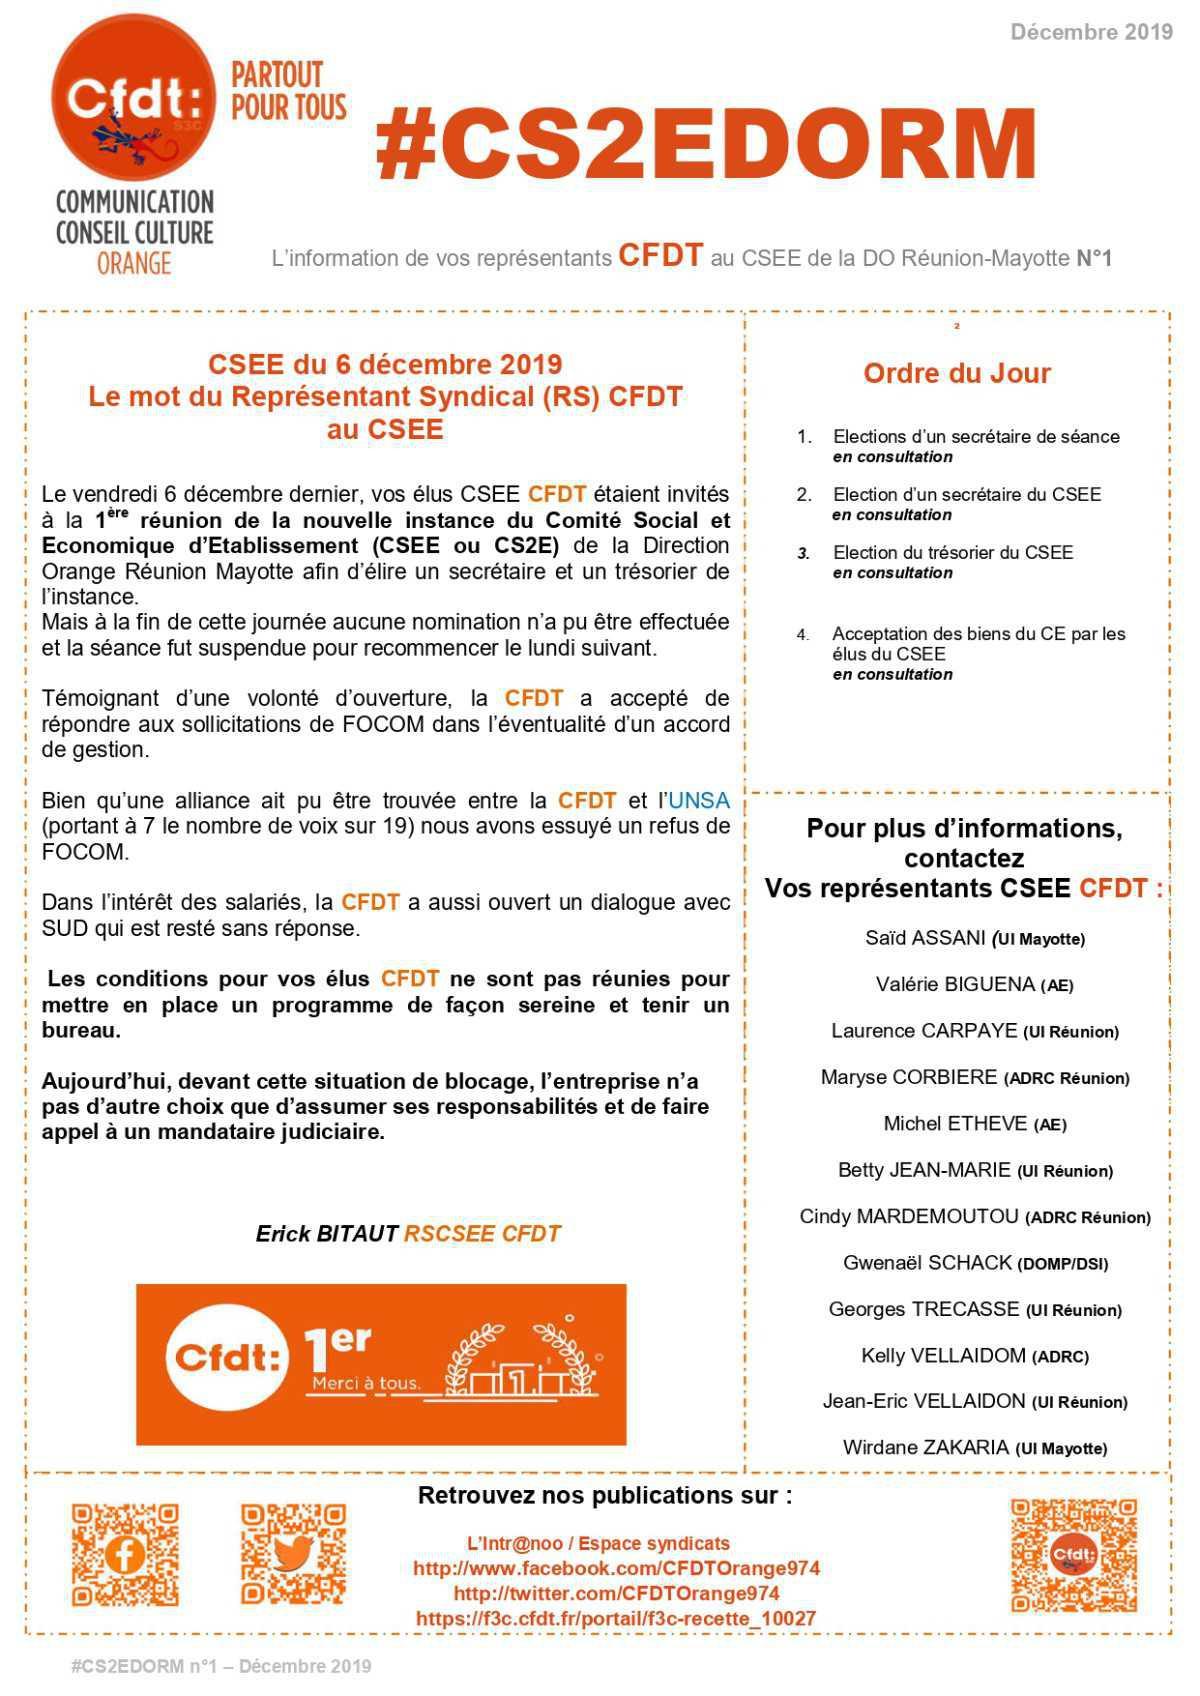 #CS2EDORM n°1 - Pas de bureau constitué à date